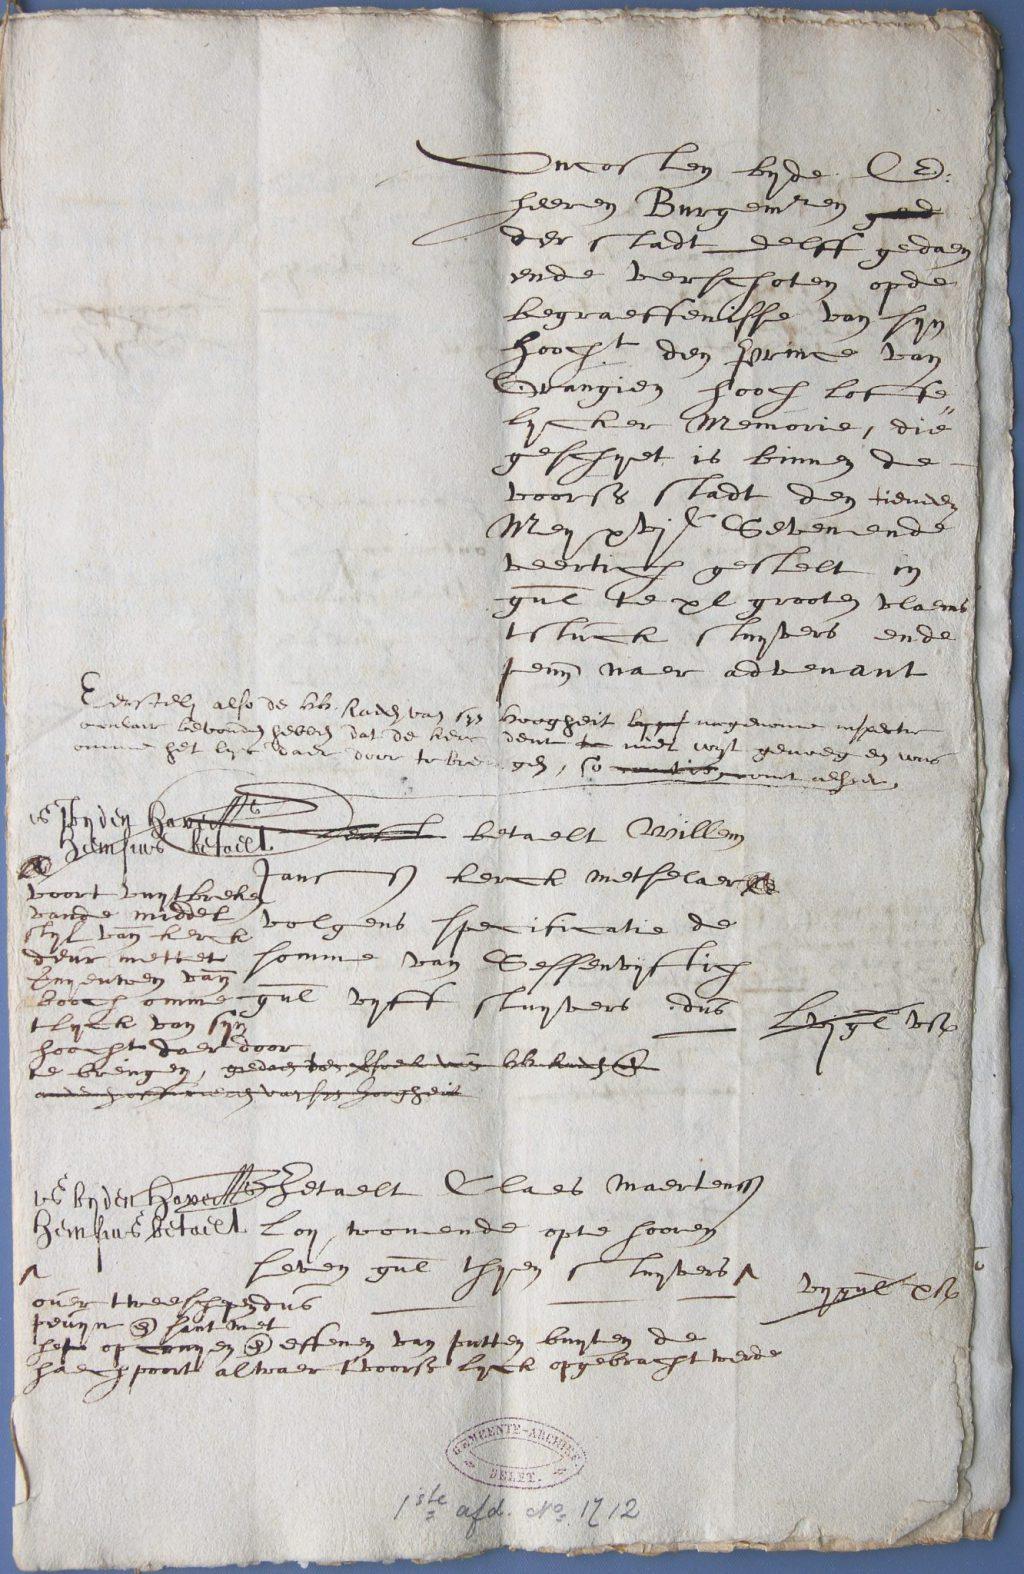 Rekening van de burgemeesters voor de uitvaart van Frederik Hendrik, 1647 (Archief 1, inv.nr 468)